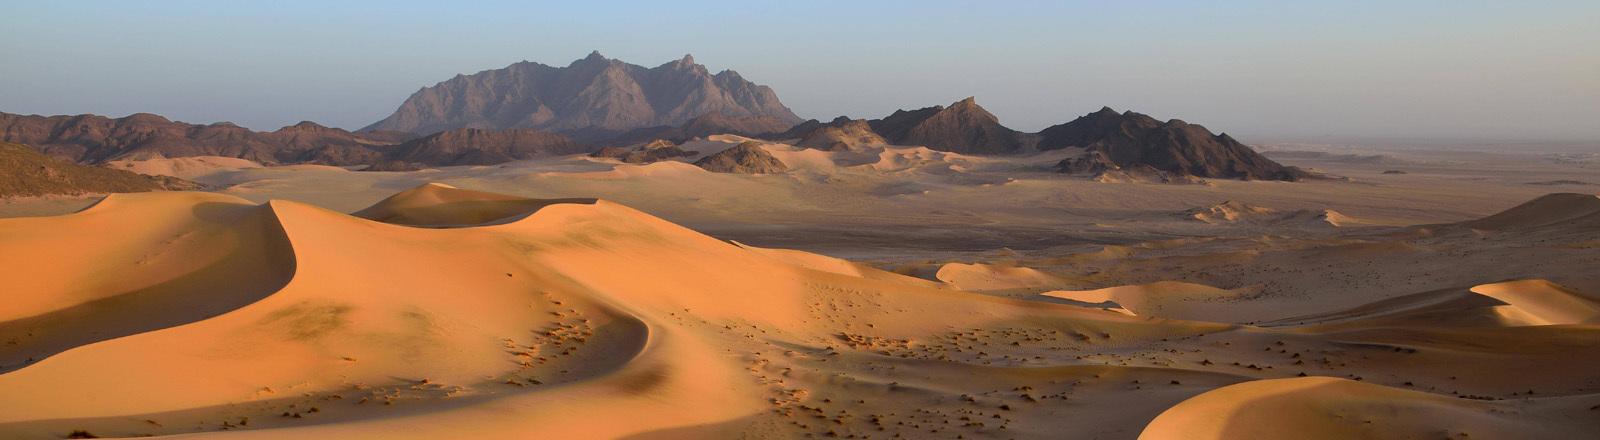 Wüste Algerien